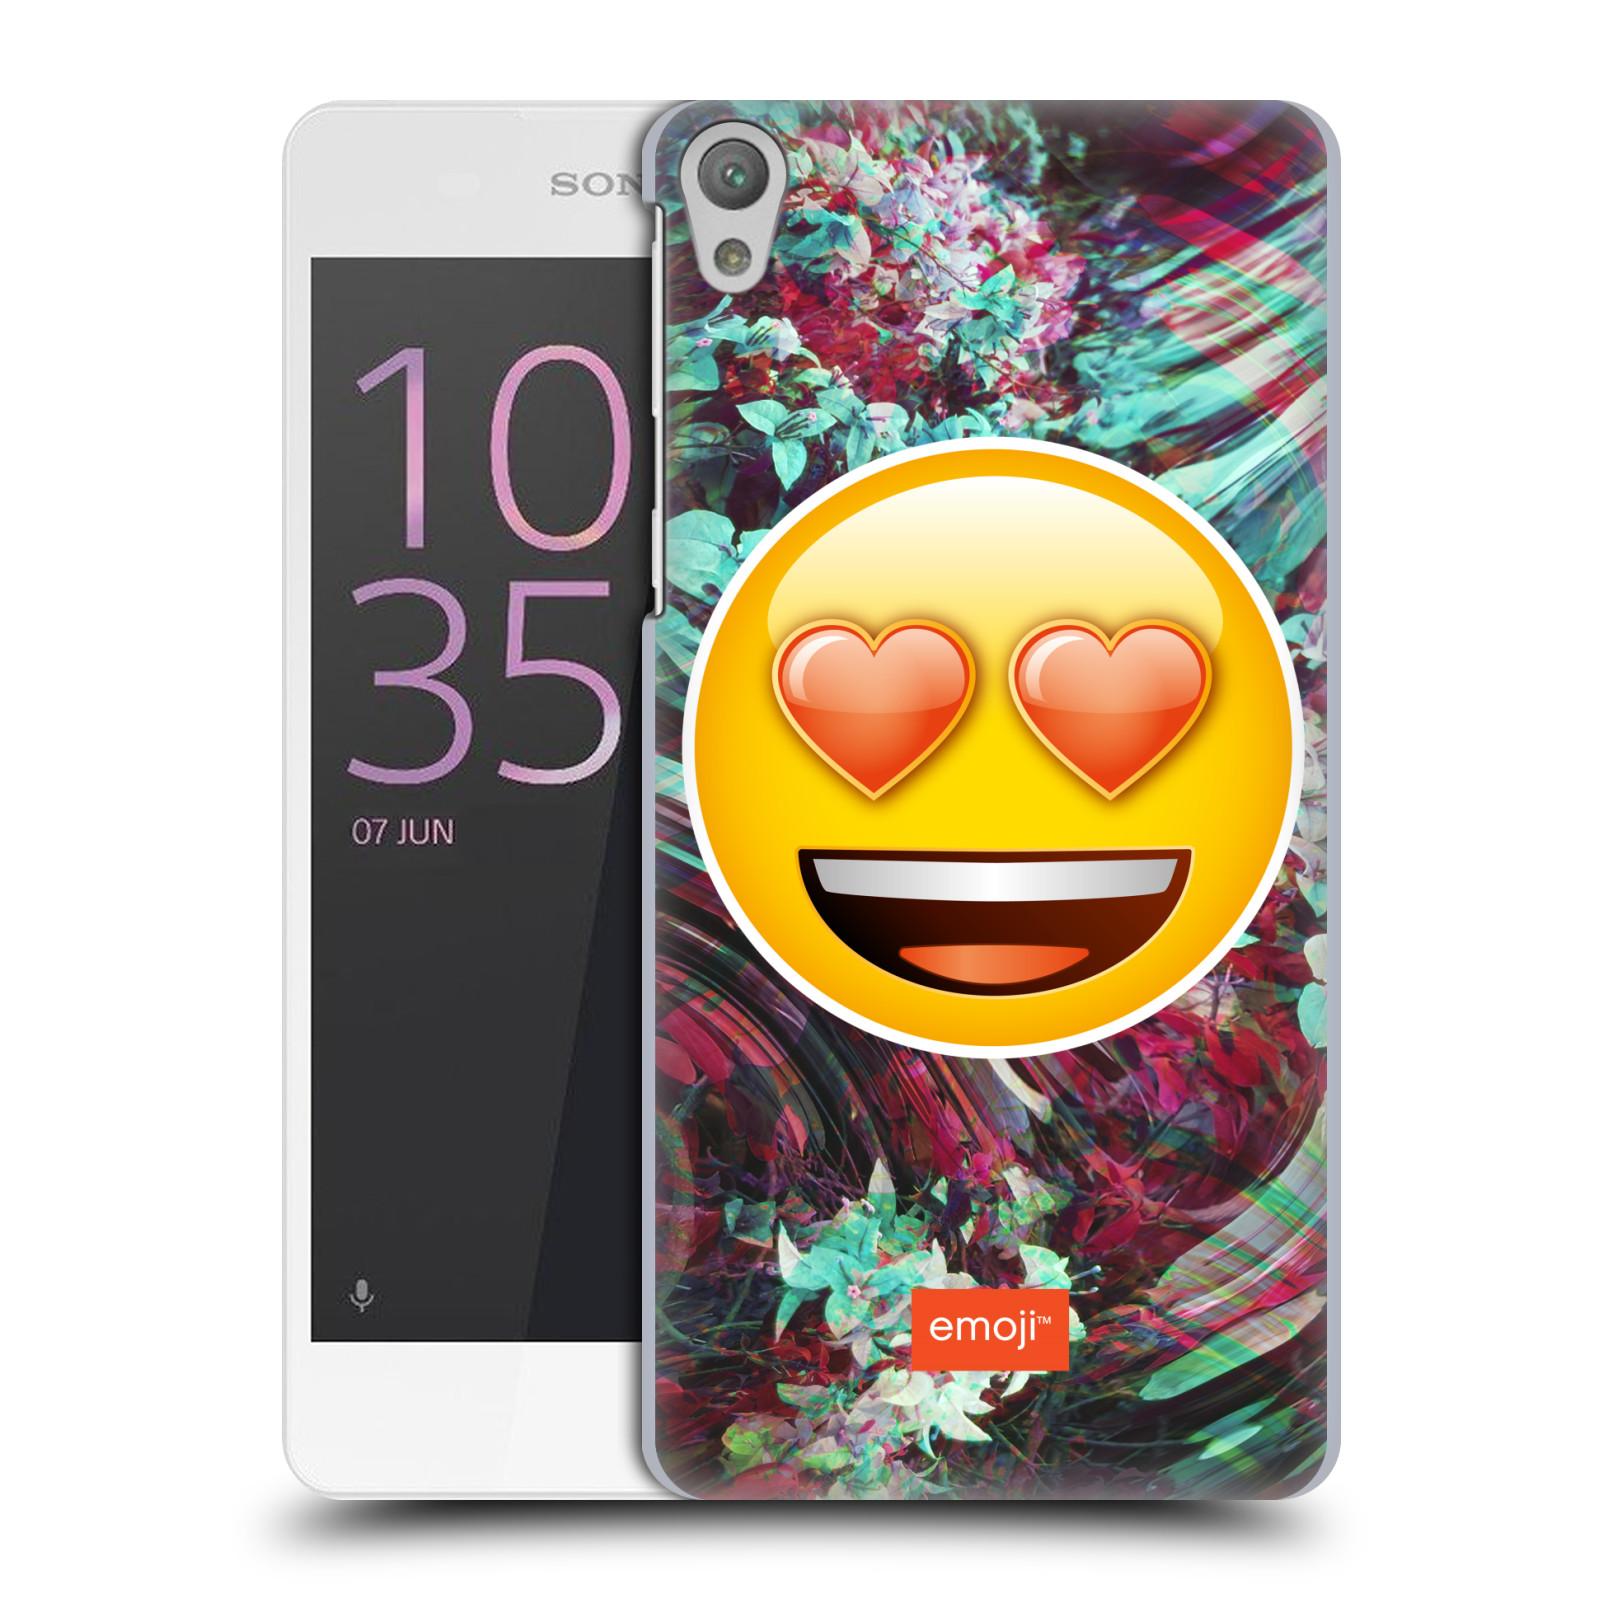 Pouzdro na mobil Sony Xperia E5 - HEAD CASE - Emoji smajlík srdíčka v očích